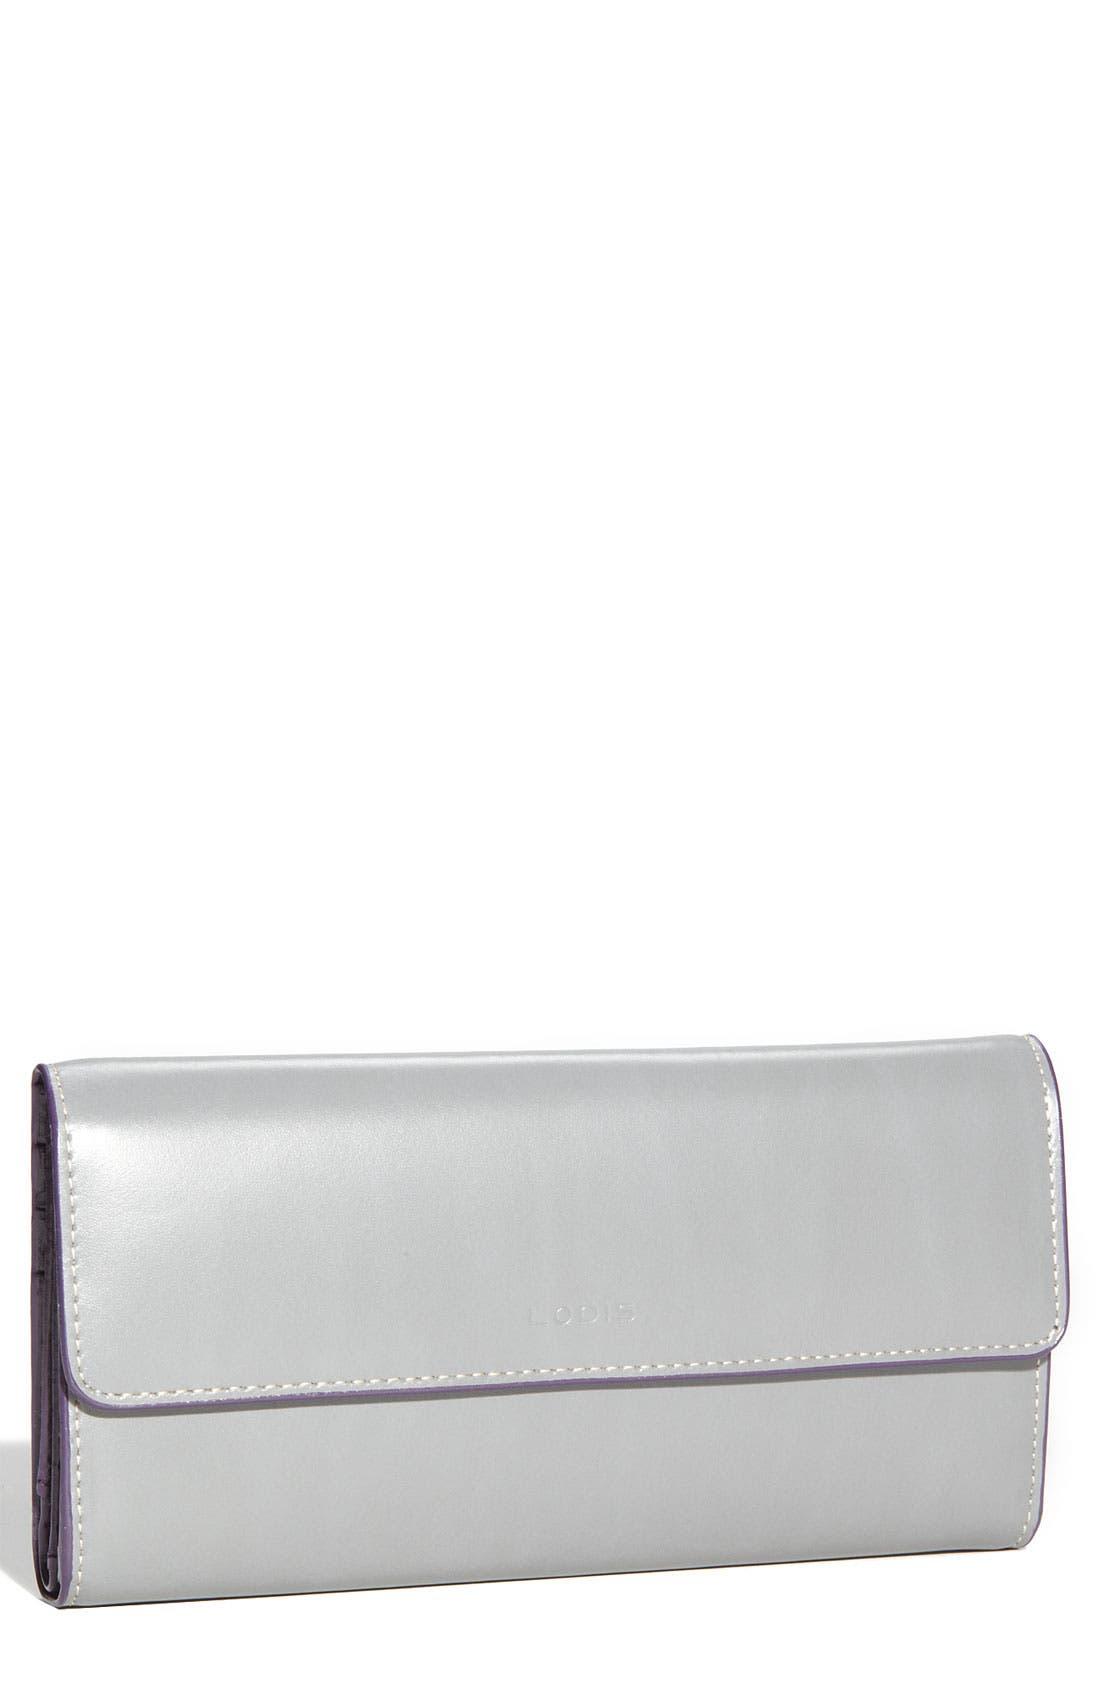 Lodis 'Audrey' Checkbook Clutch Wallet,                         Main,                         color, 035